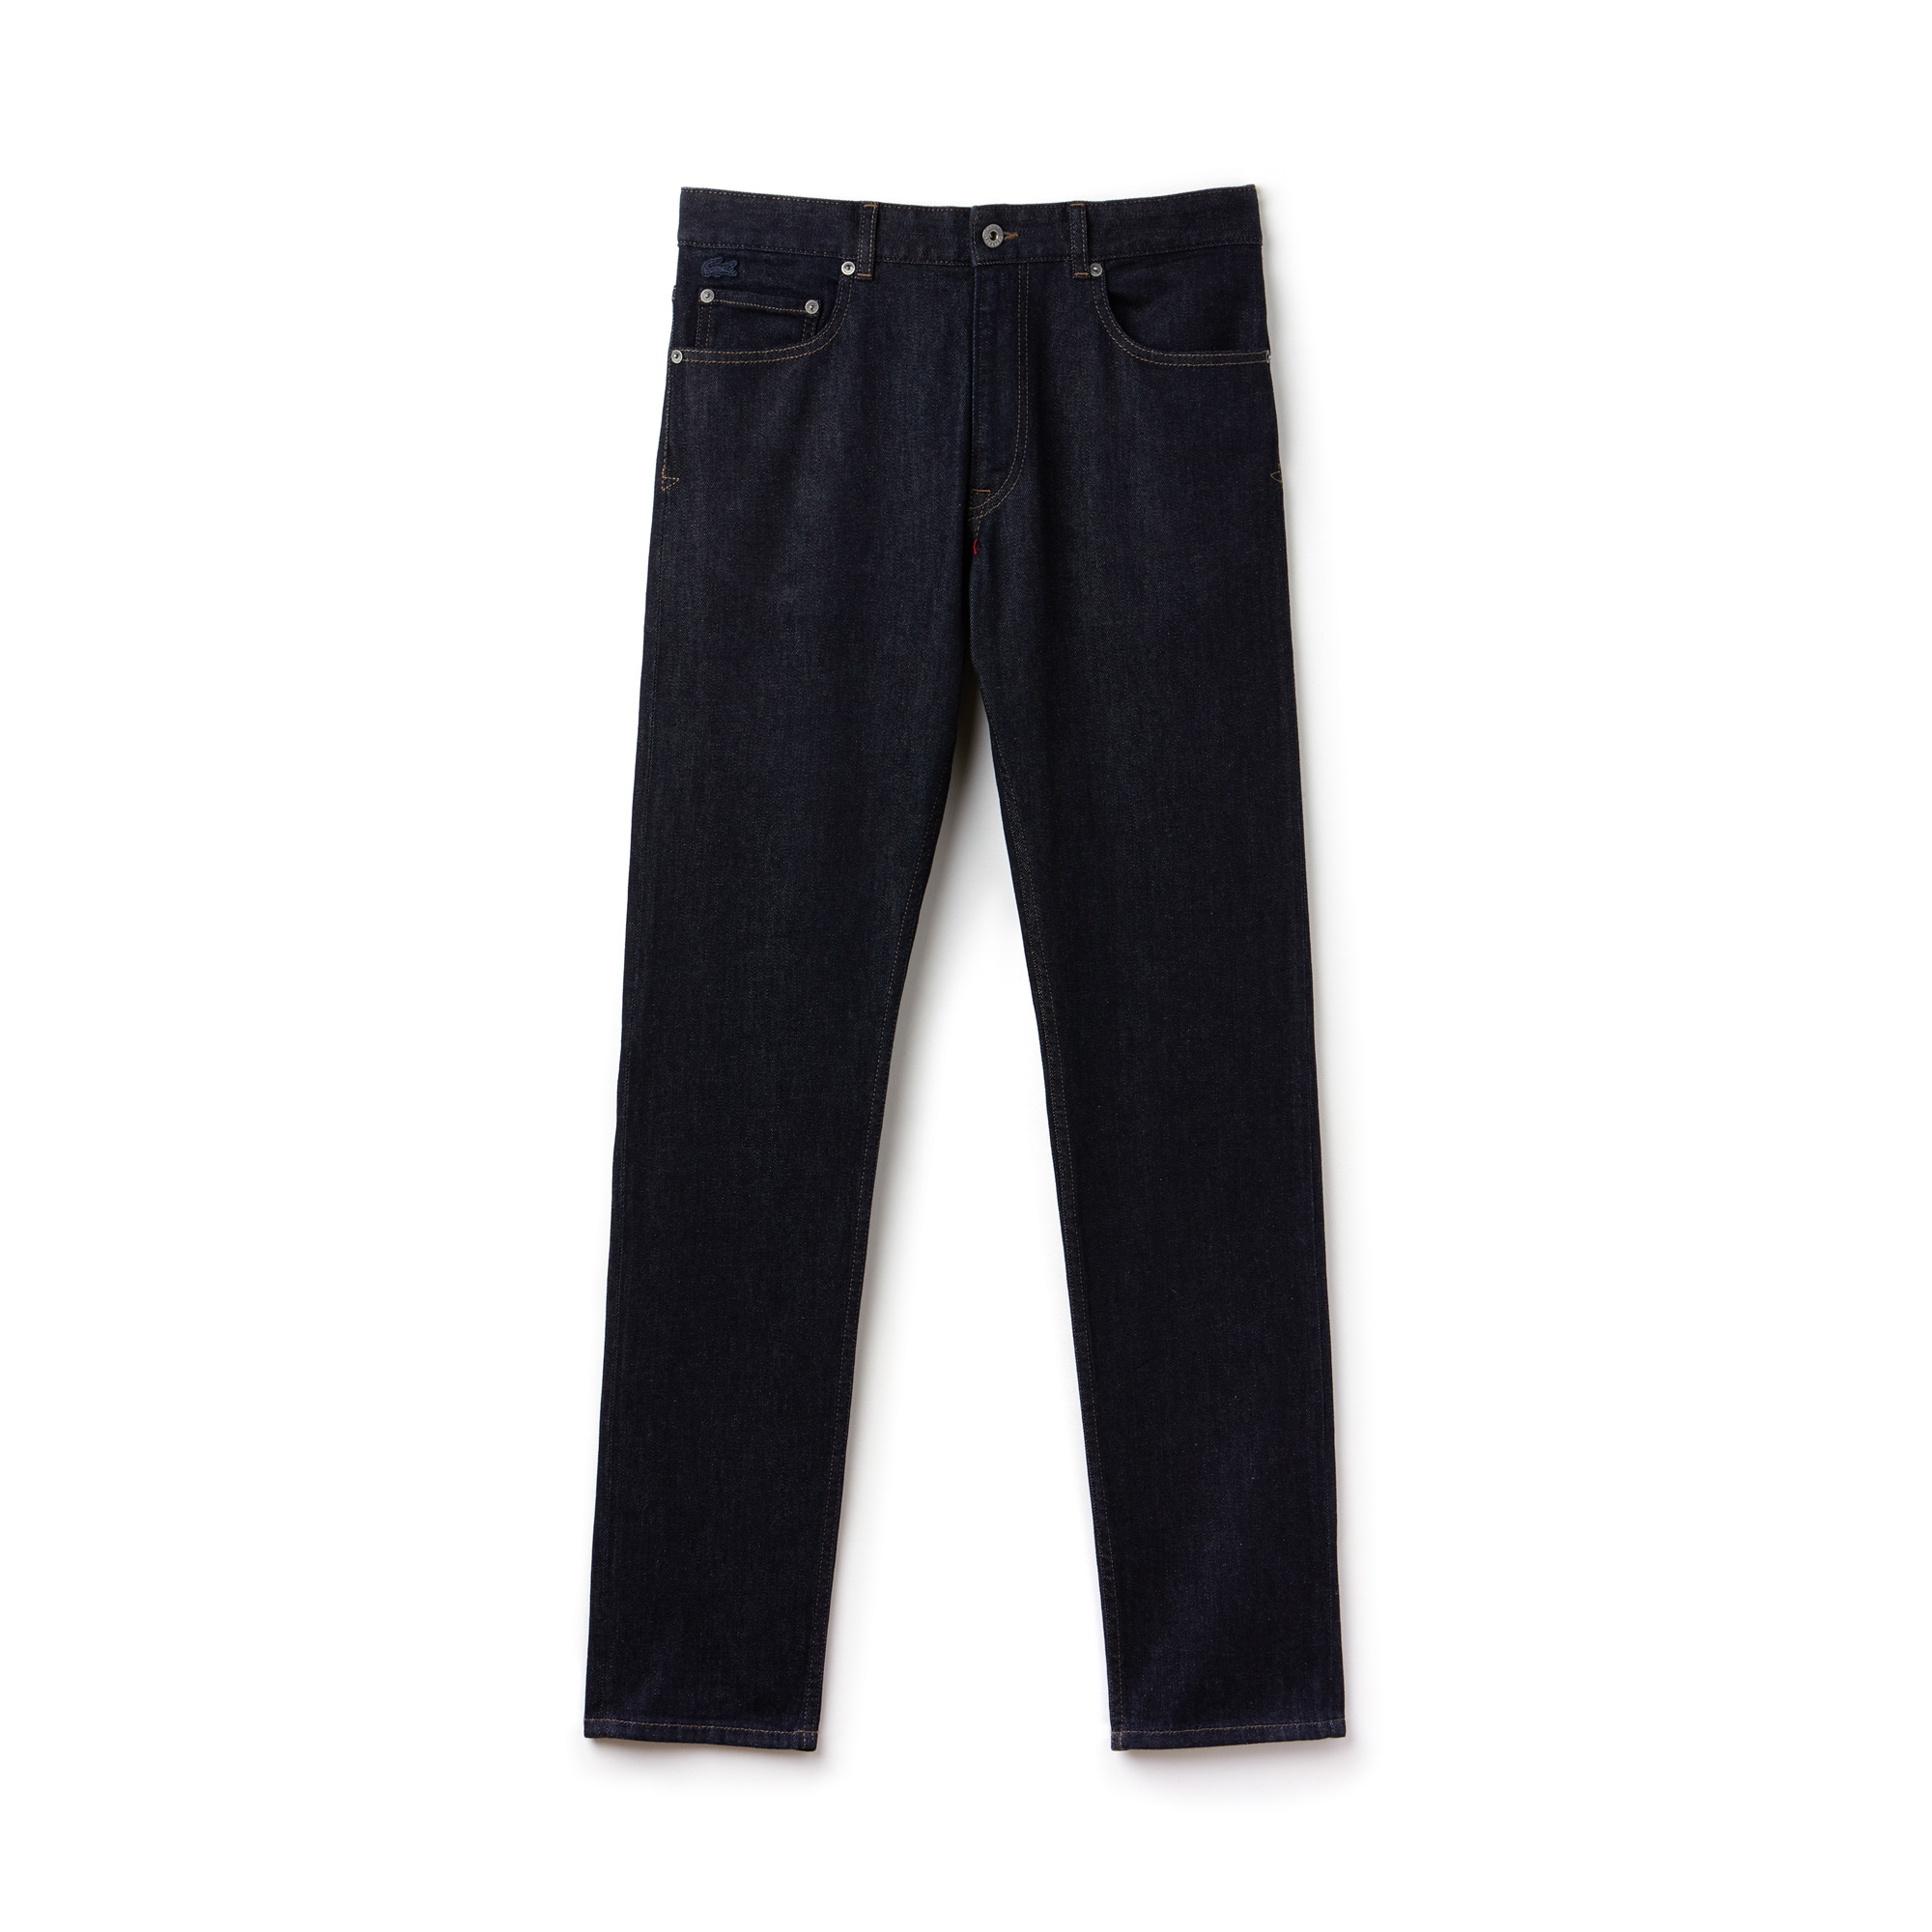 Jeans heren slim fit katoendenim met stretch en 5 zakken